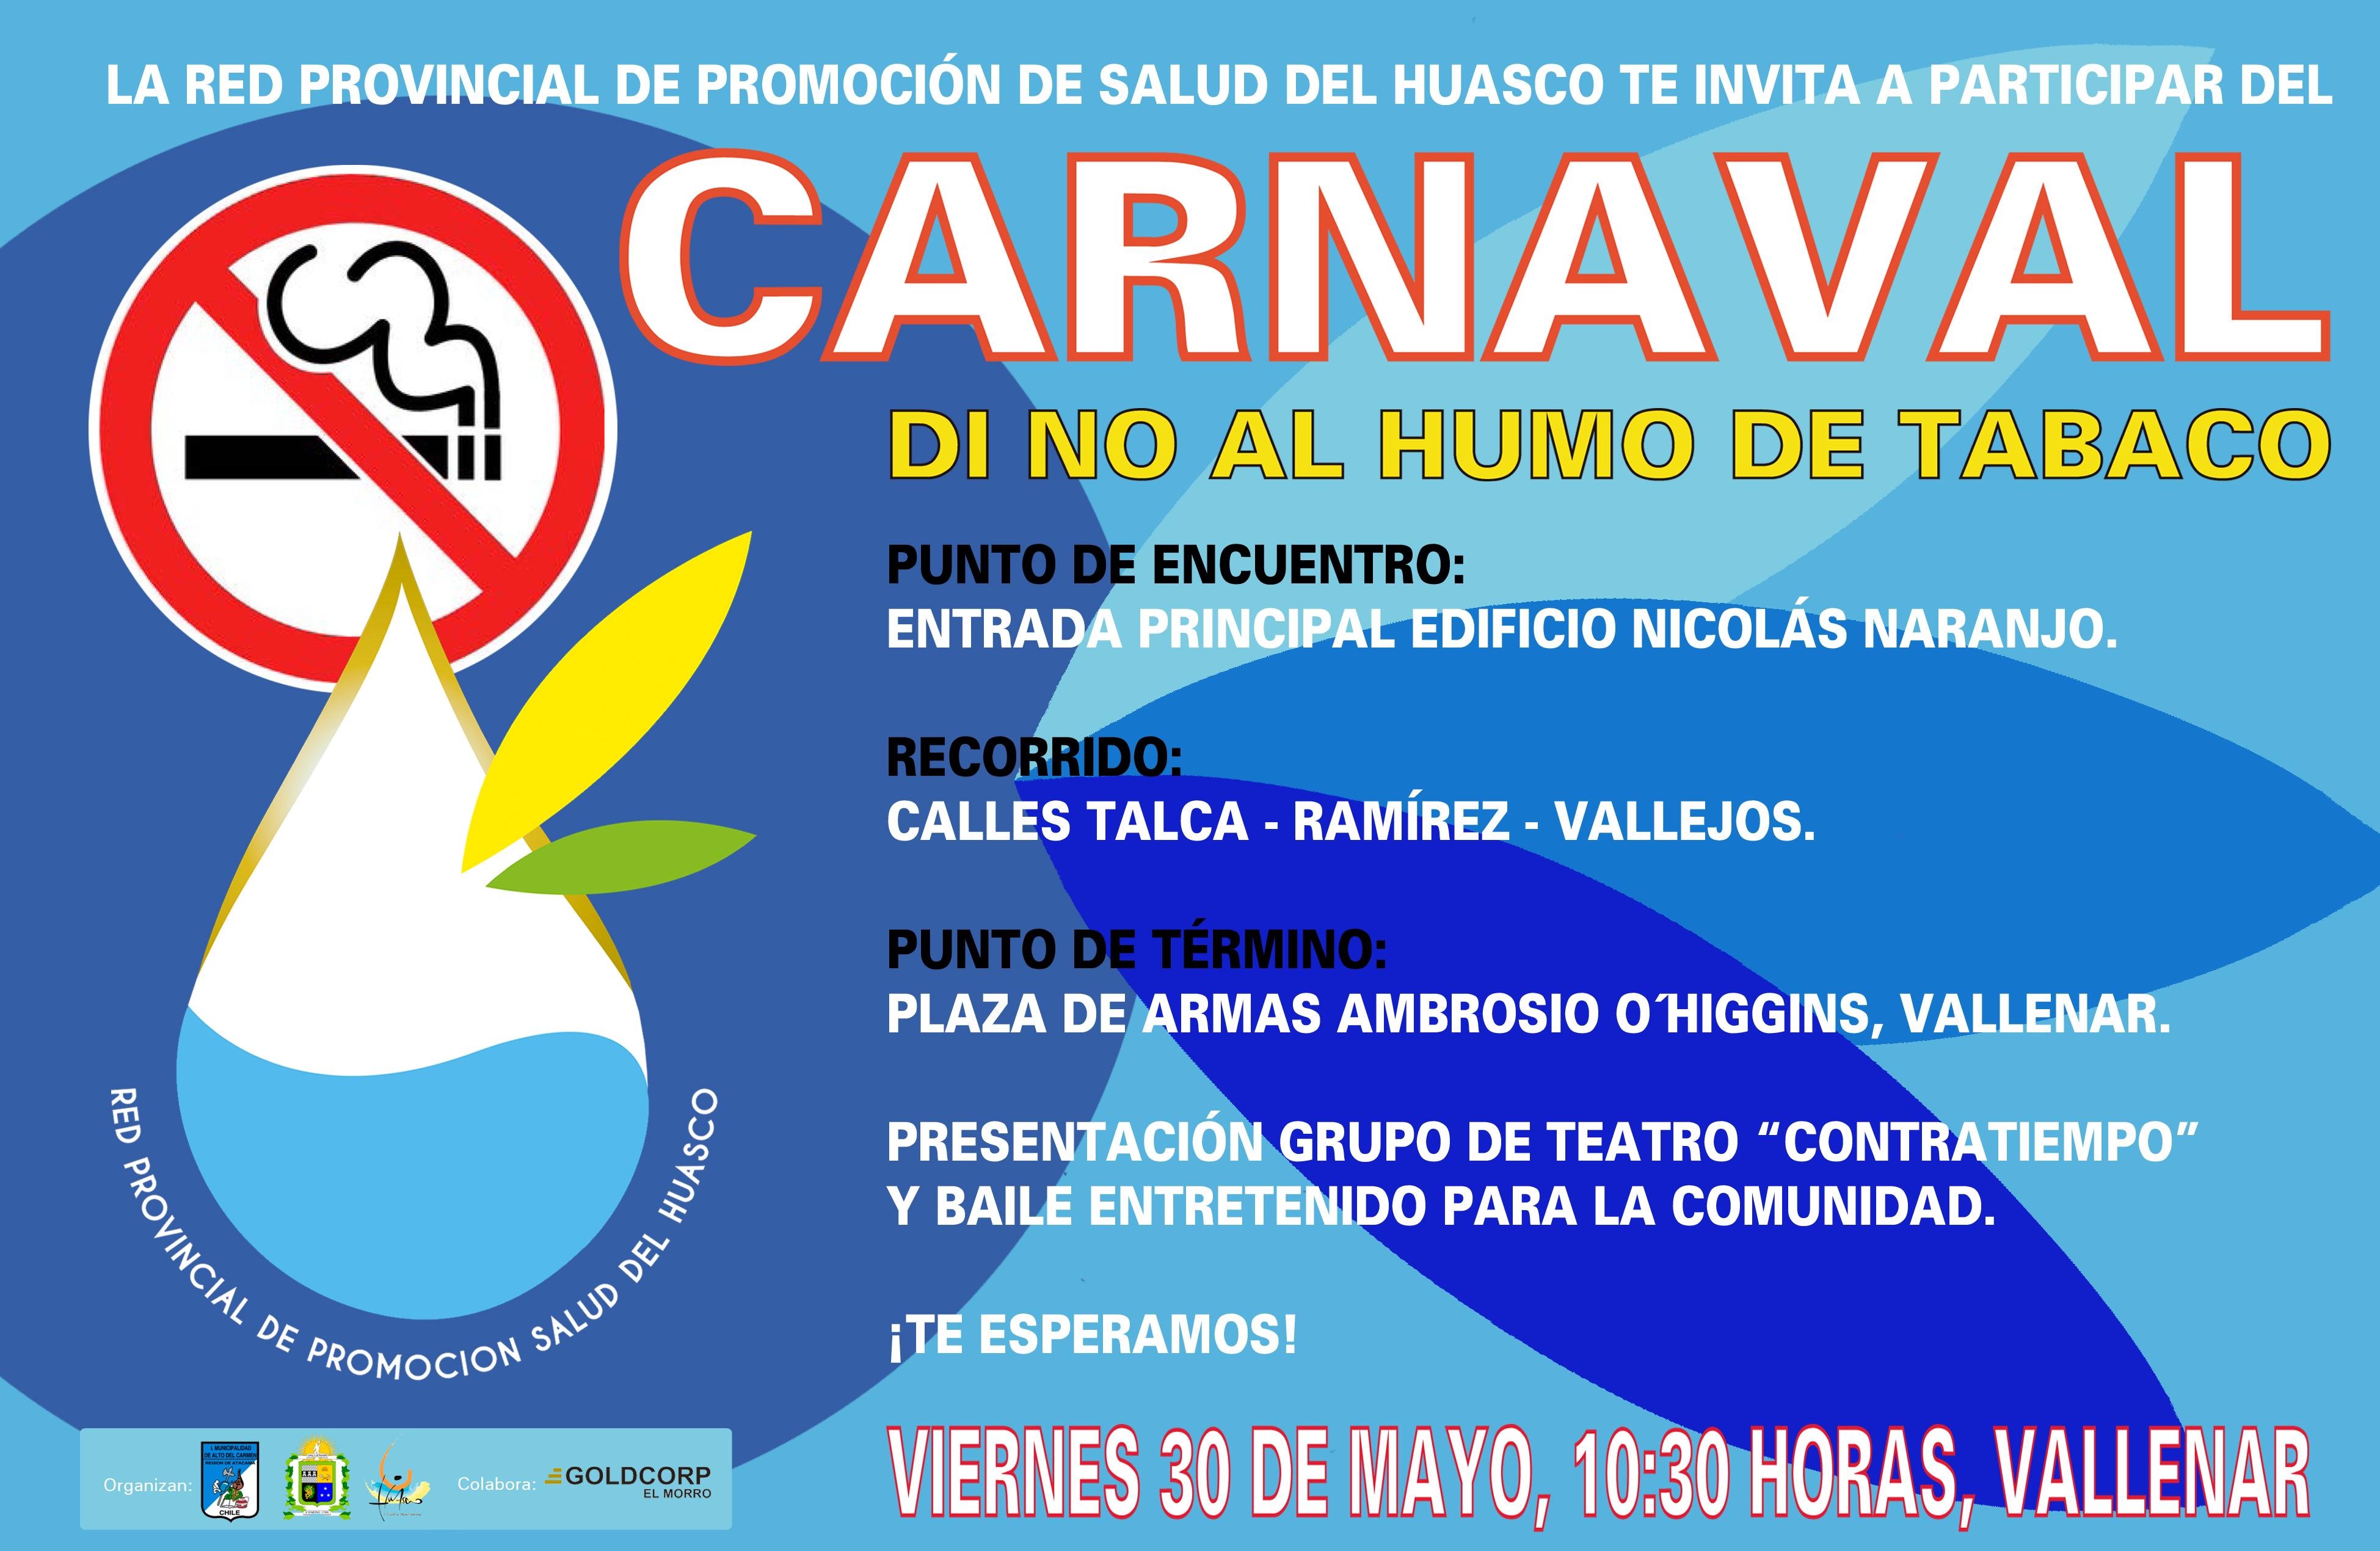 Realizarán carnaval contra el consumo del tabaco en Vallenar